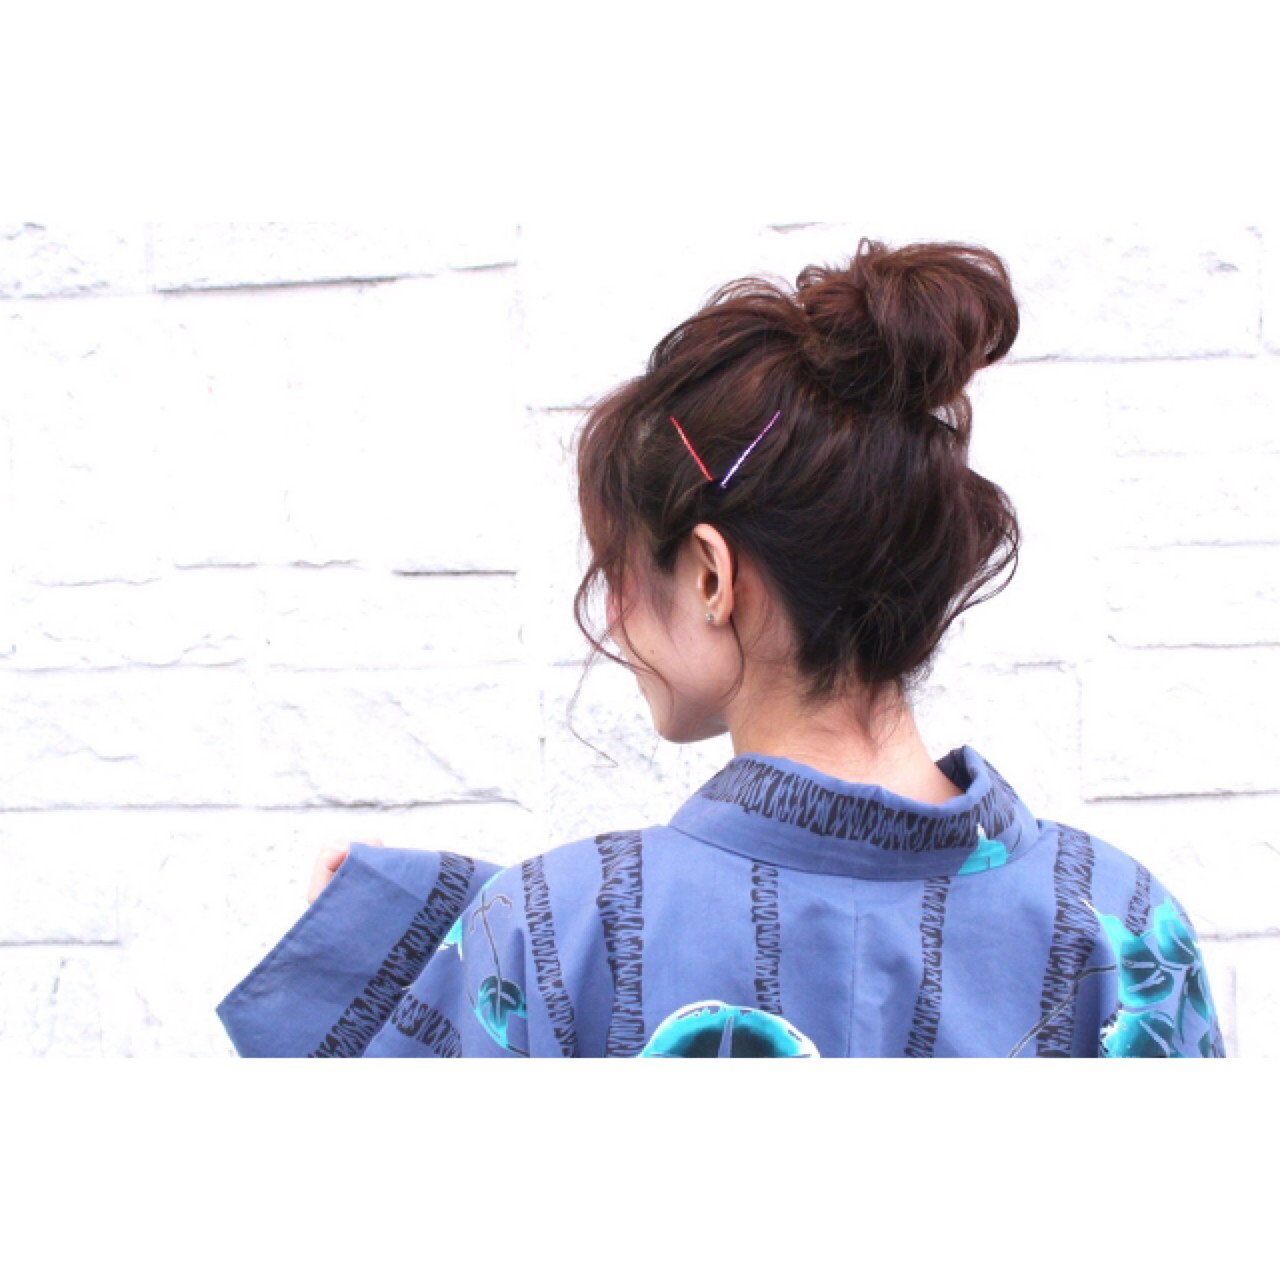 ルーズ 夏 花火大会 お団子 ヘアスタイルや髪型の写真・画像 | haruka /